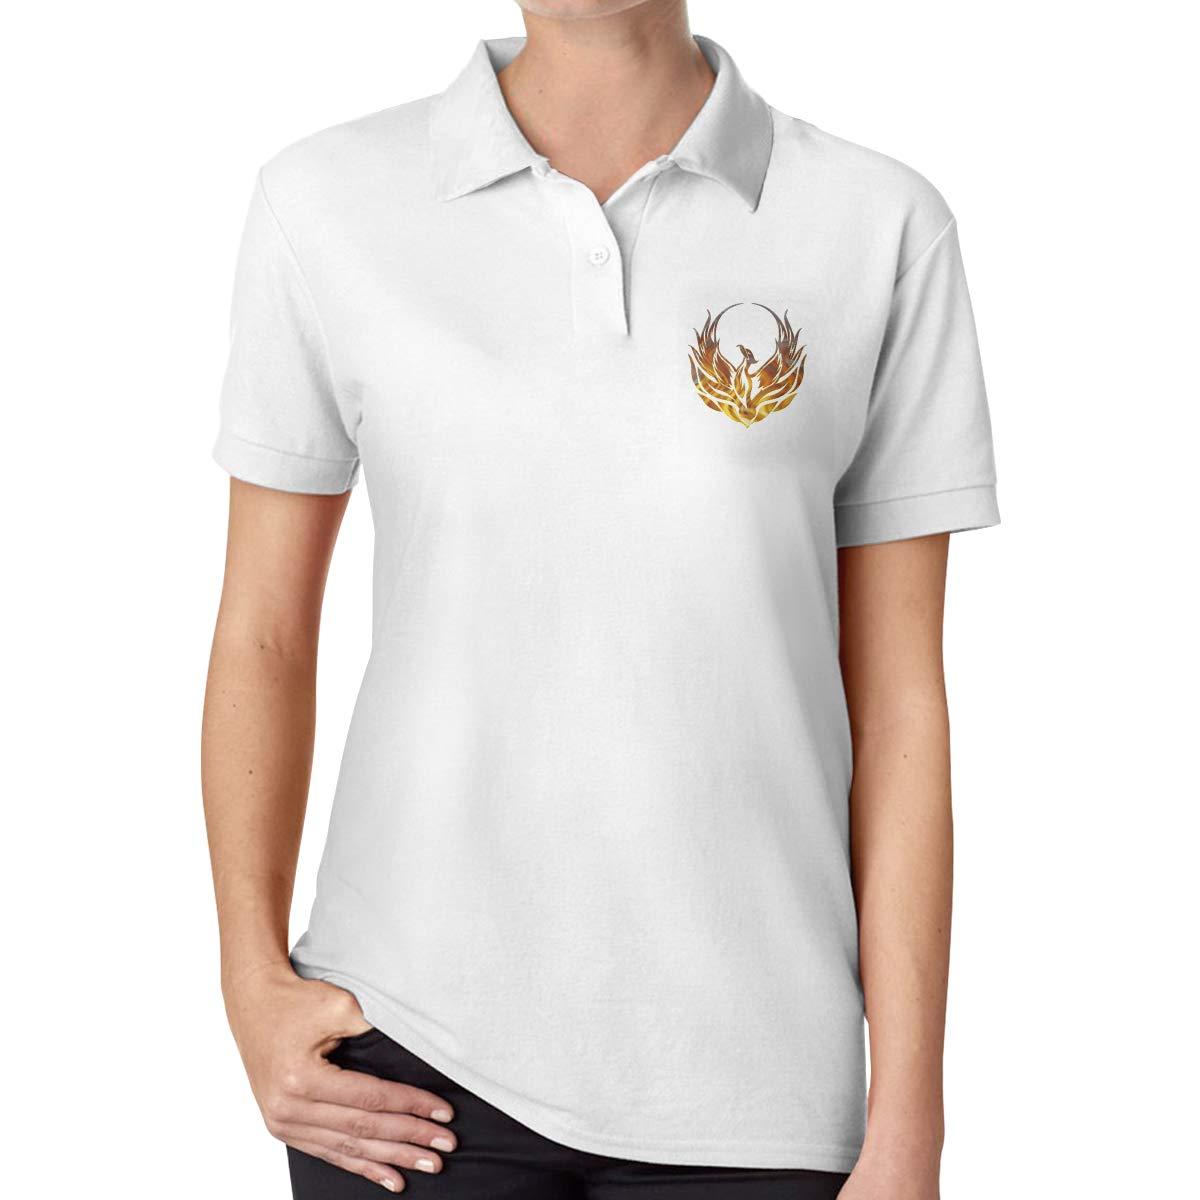 Damen Unregelmäßiger Rundhals Fledermaus Ärmel Baumwolle+Leinen Halbarm T-Shirt